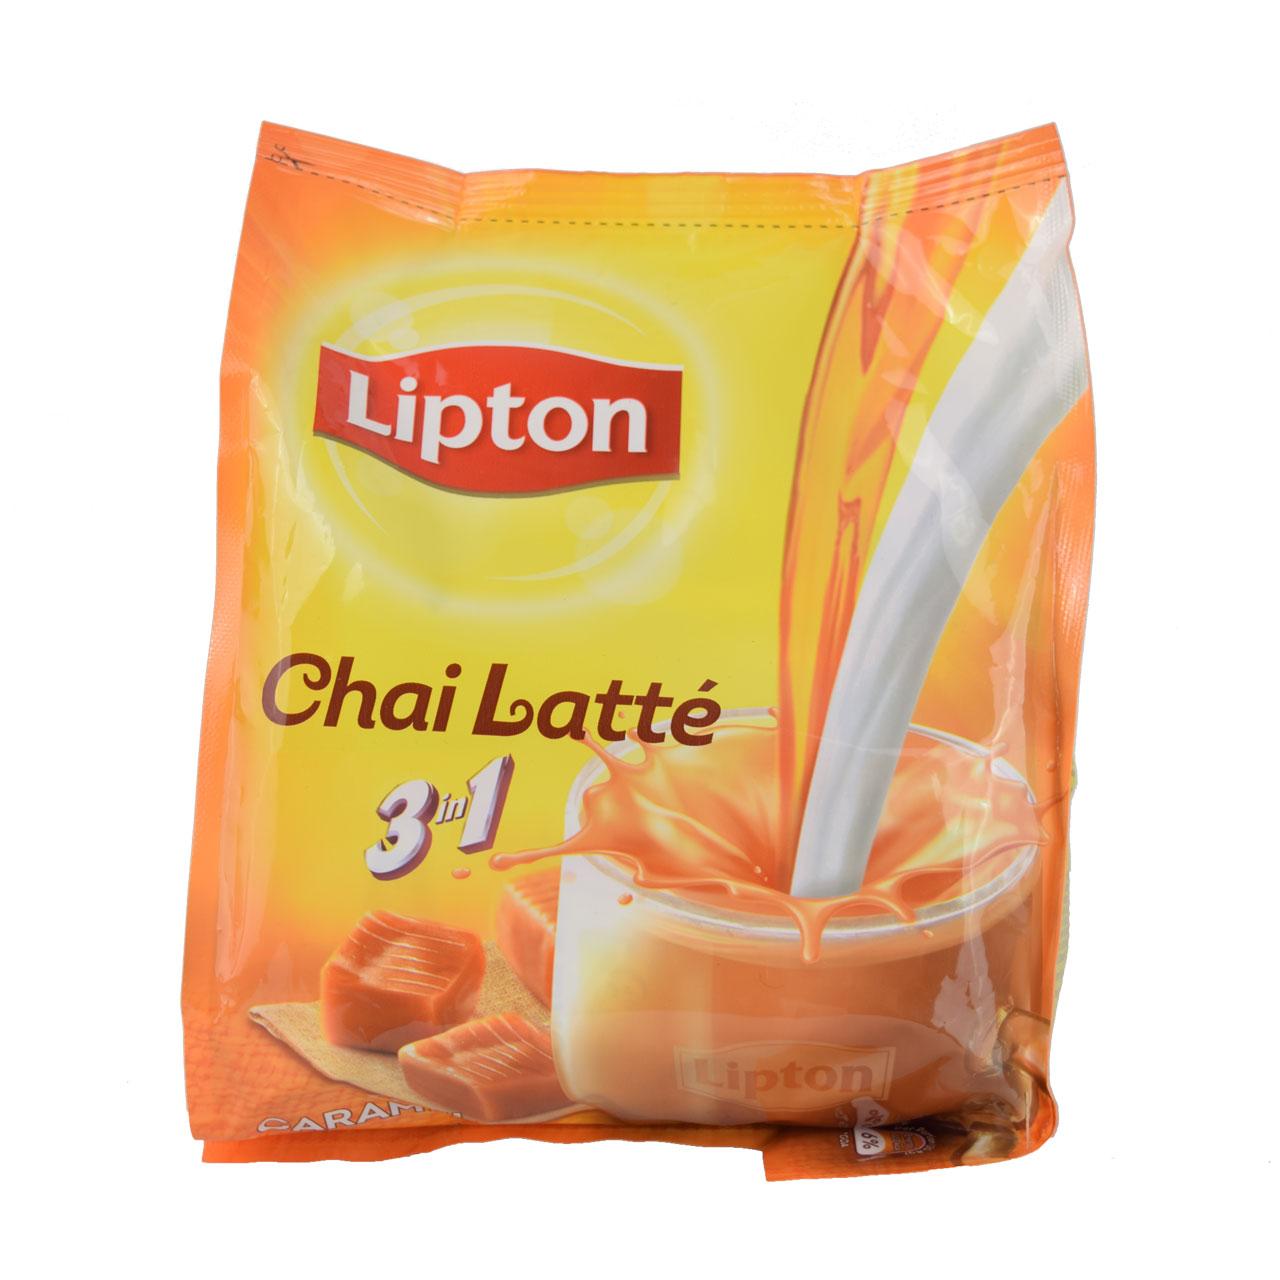 چاي لاته ليپتون کارامل